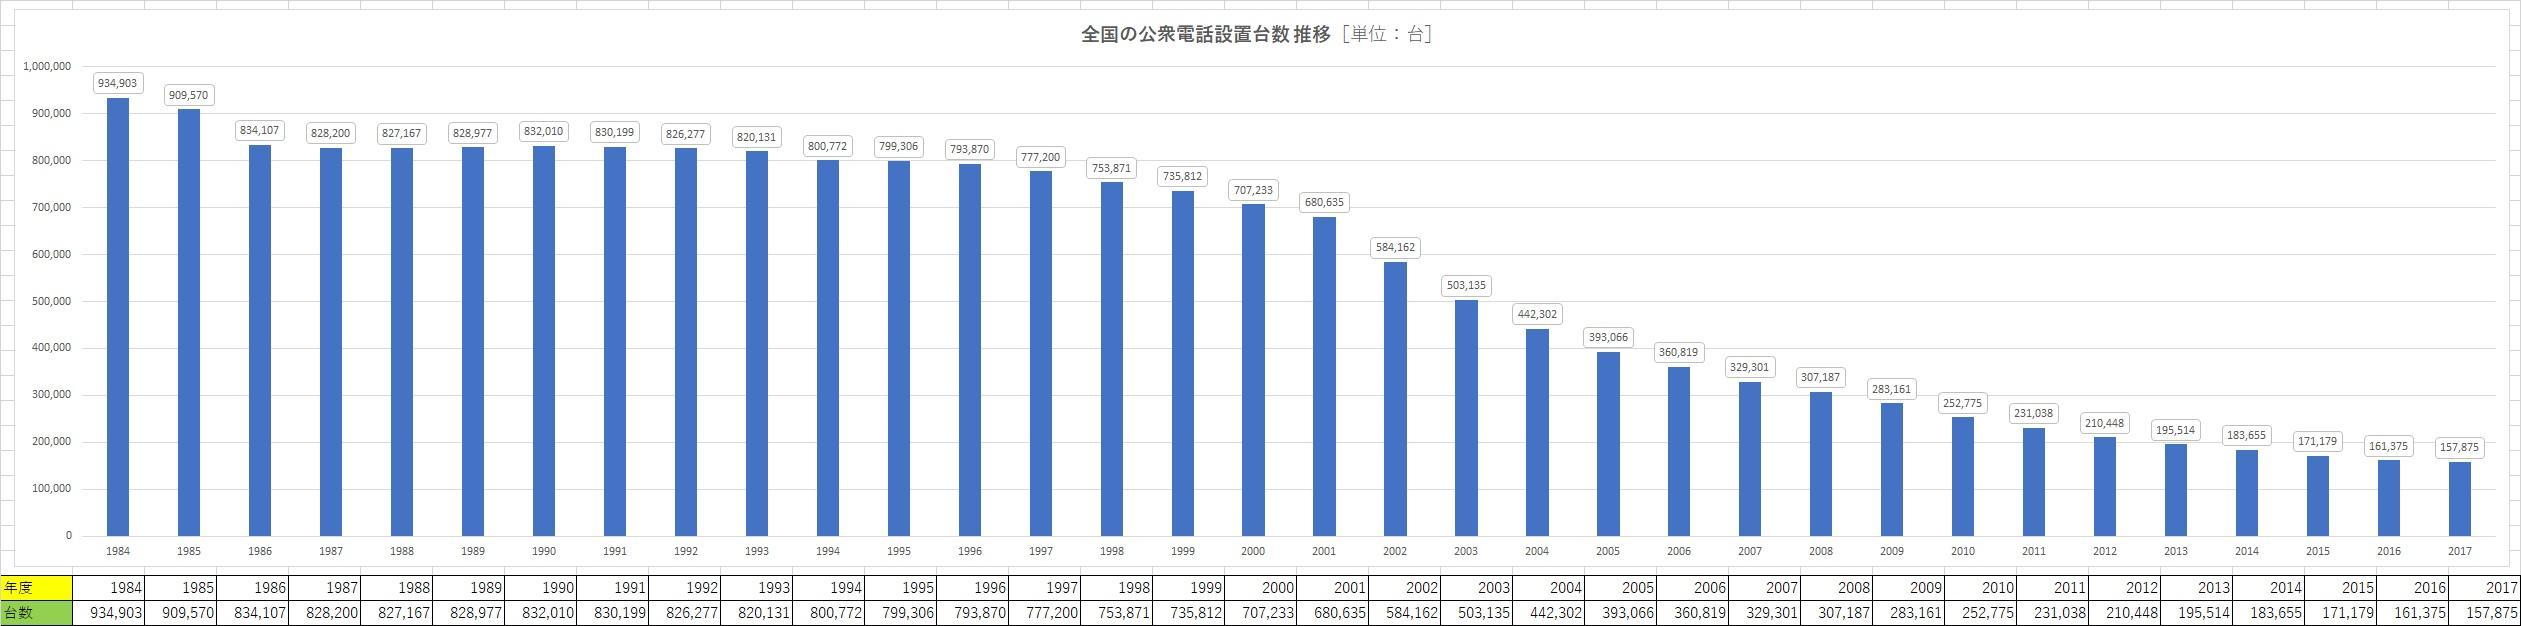 http://tablo.jp/case/img/DATA_038_graph01.jpg